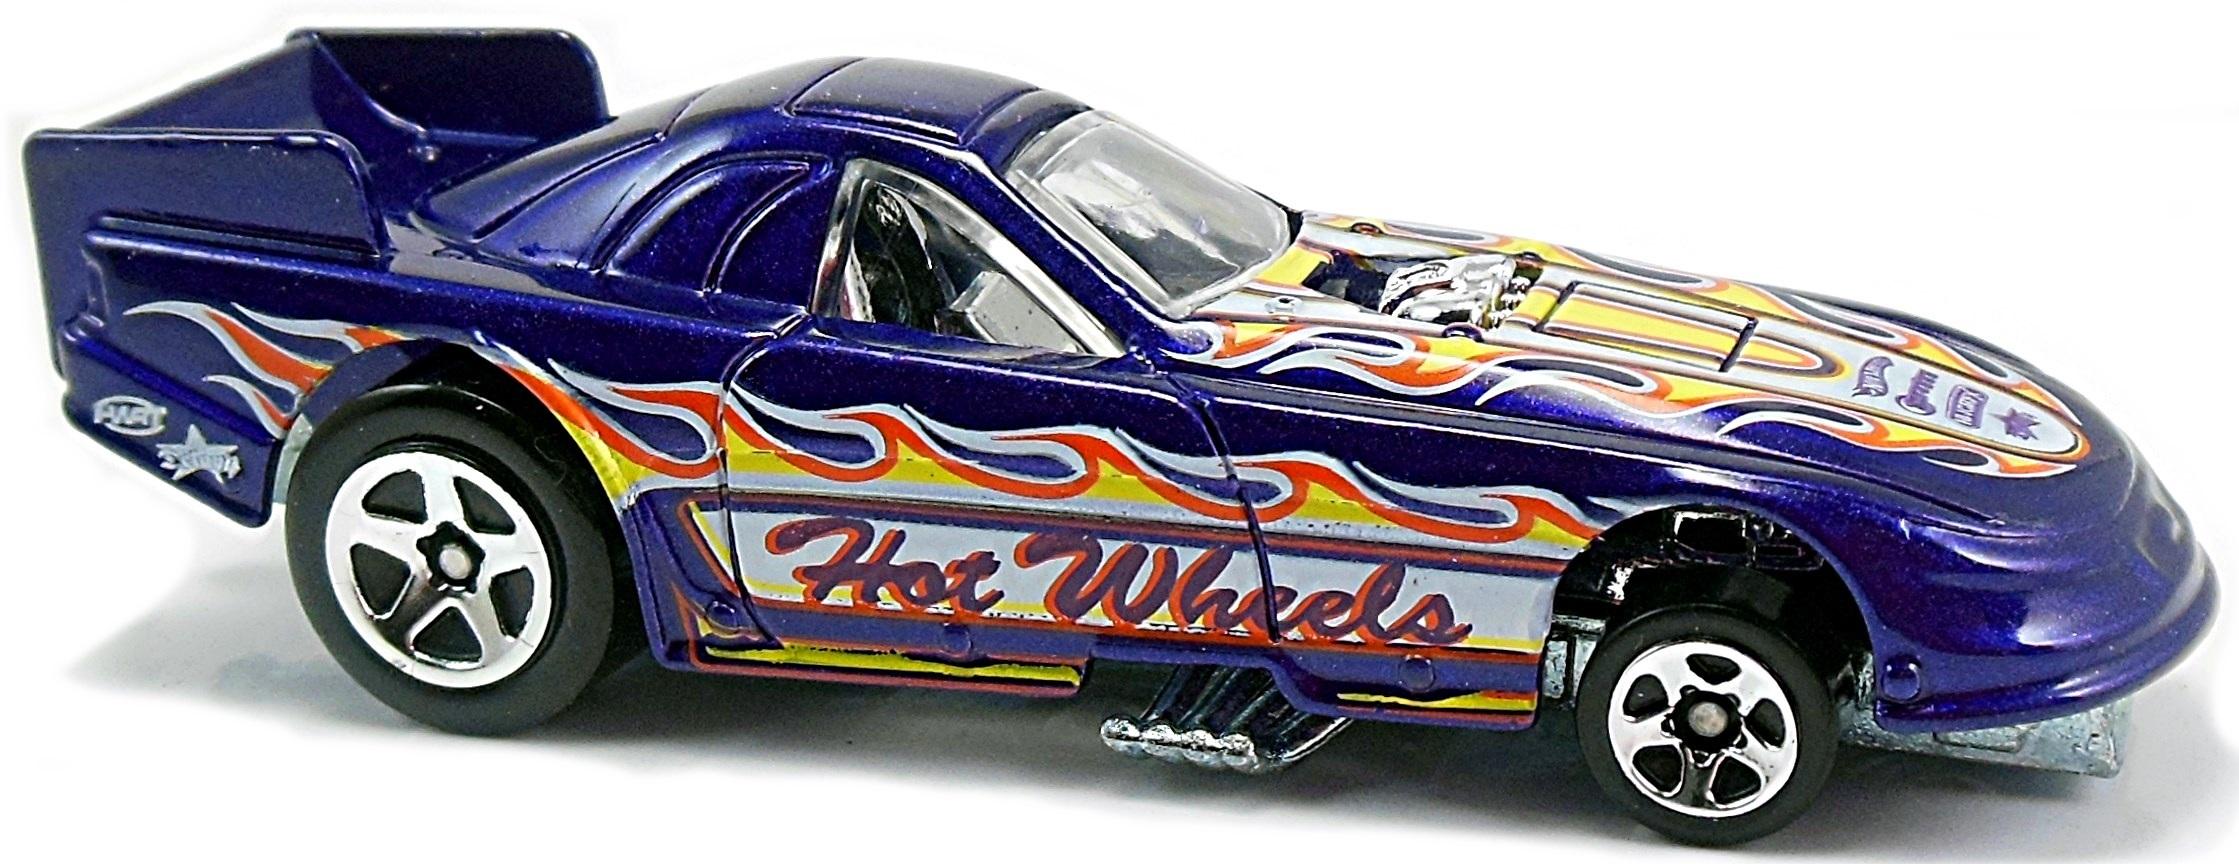 Mustang Funny Car Top Fuel 84mm 2004 Hot Wheels